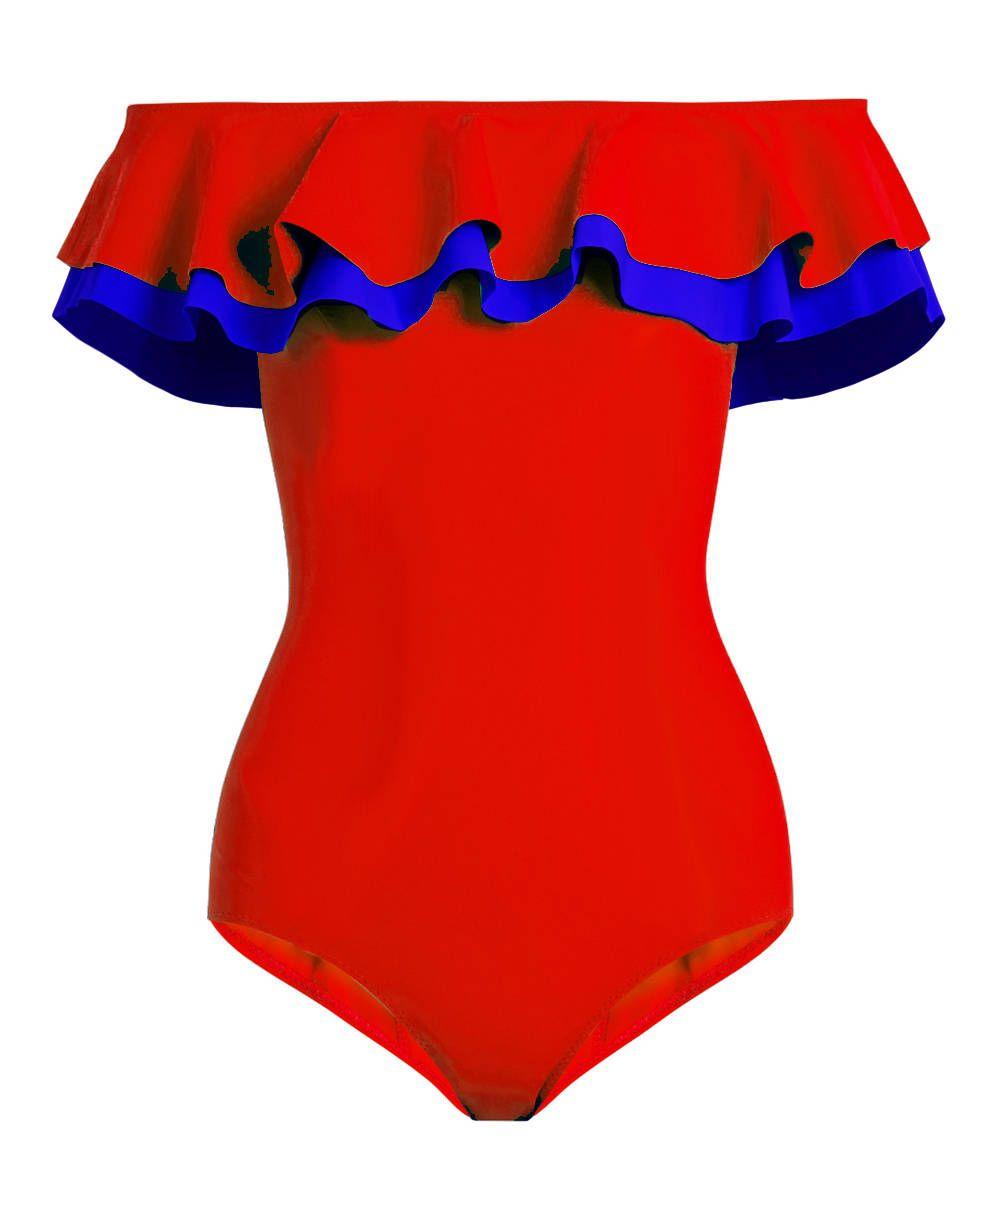 adf8041b1e1be Red Blue Flounce Bonded Ruffled Off Shoulder Handmade One Piece Swimsuit  Swimwear Bathing suit Swim wear dress Beachwear for Women Womens S M L XL  by ...